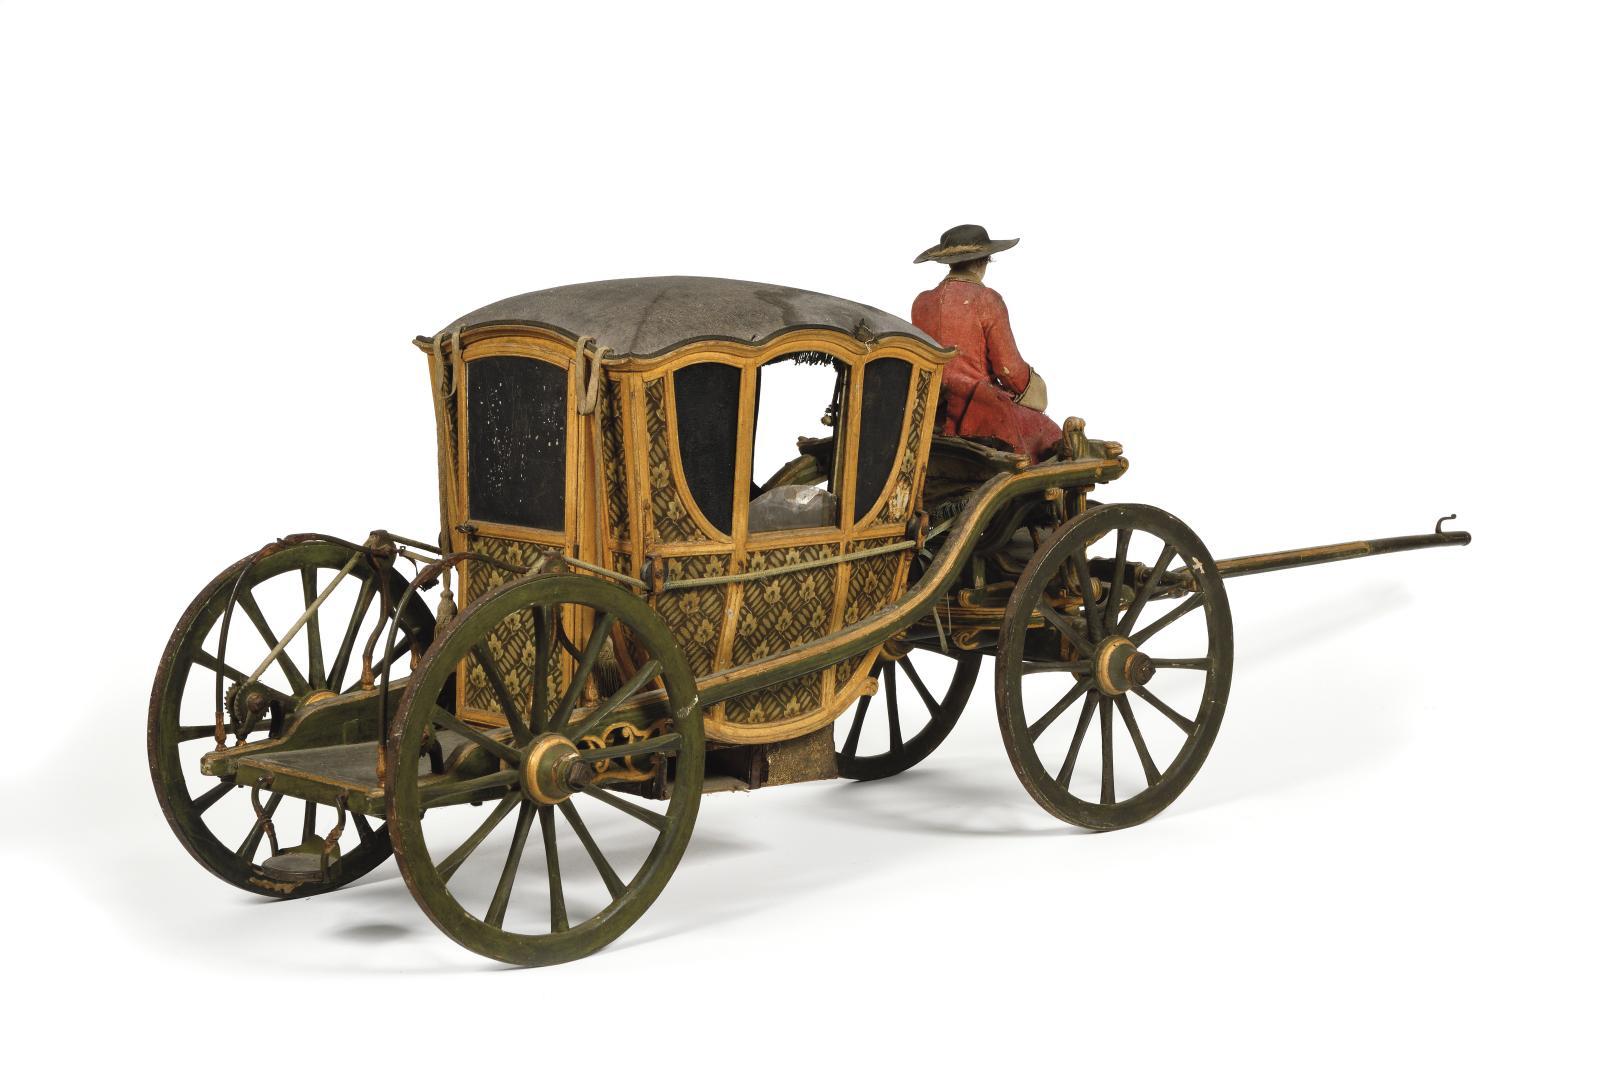 Fin du XVIIe ou début du XVIIIesiècle. Berline, châssis en fer et bois sculpté et peint, système de suspension par cordes à boyau relié a